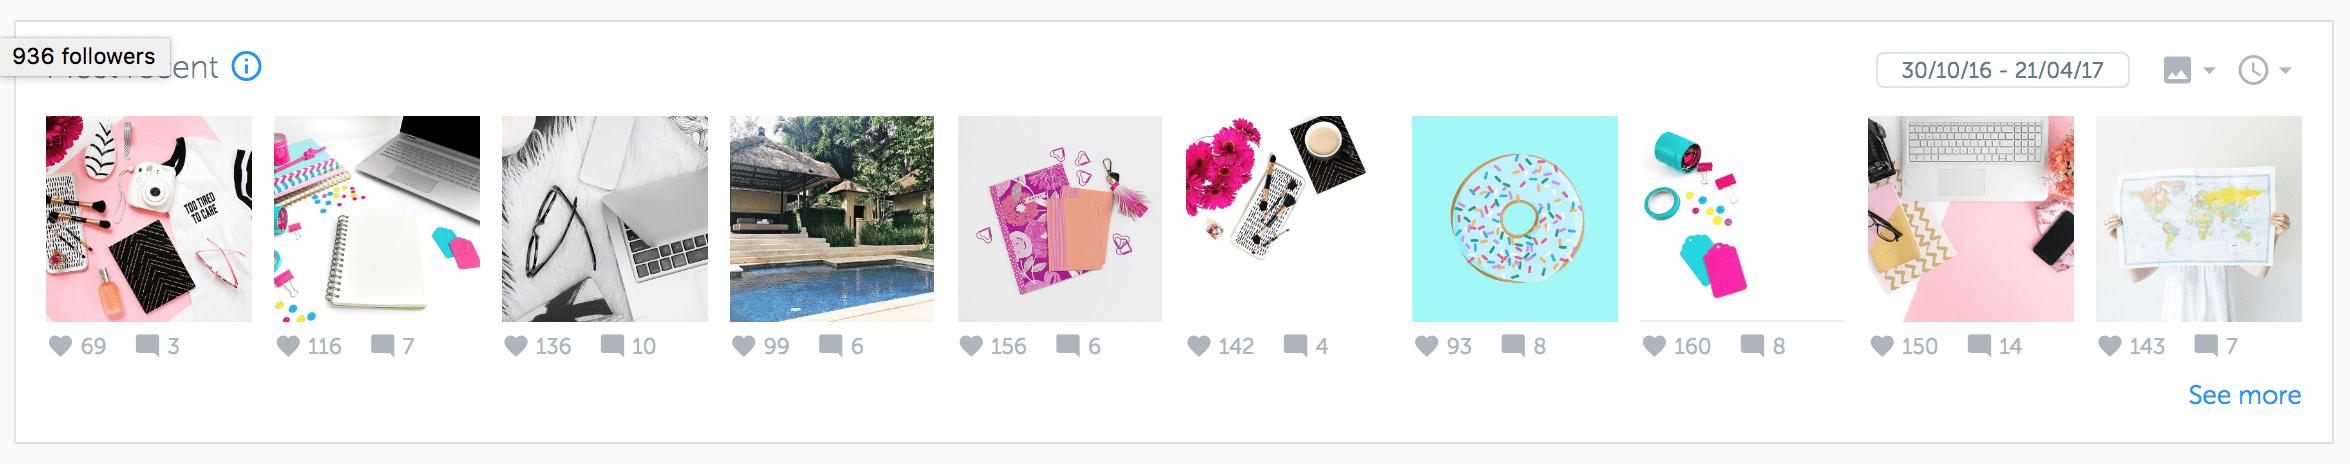 better instagram instagram tools